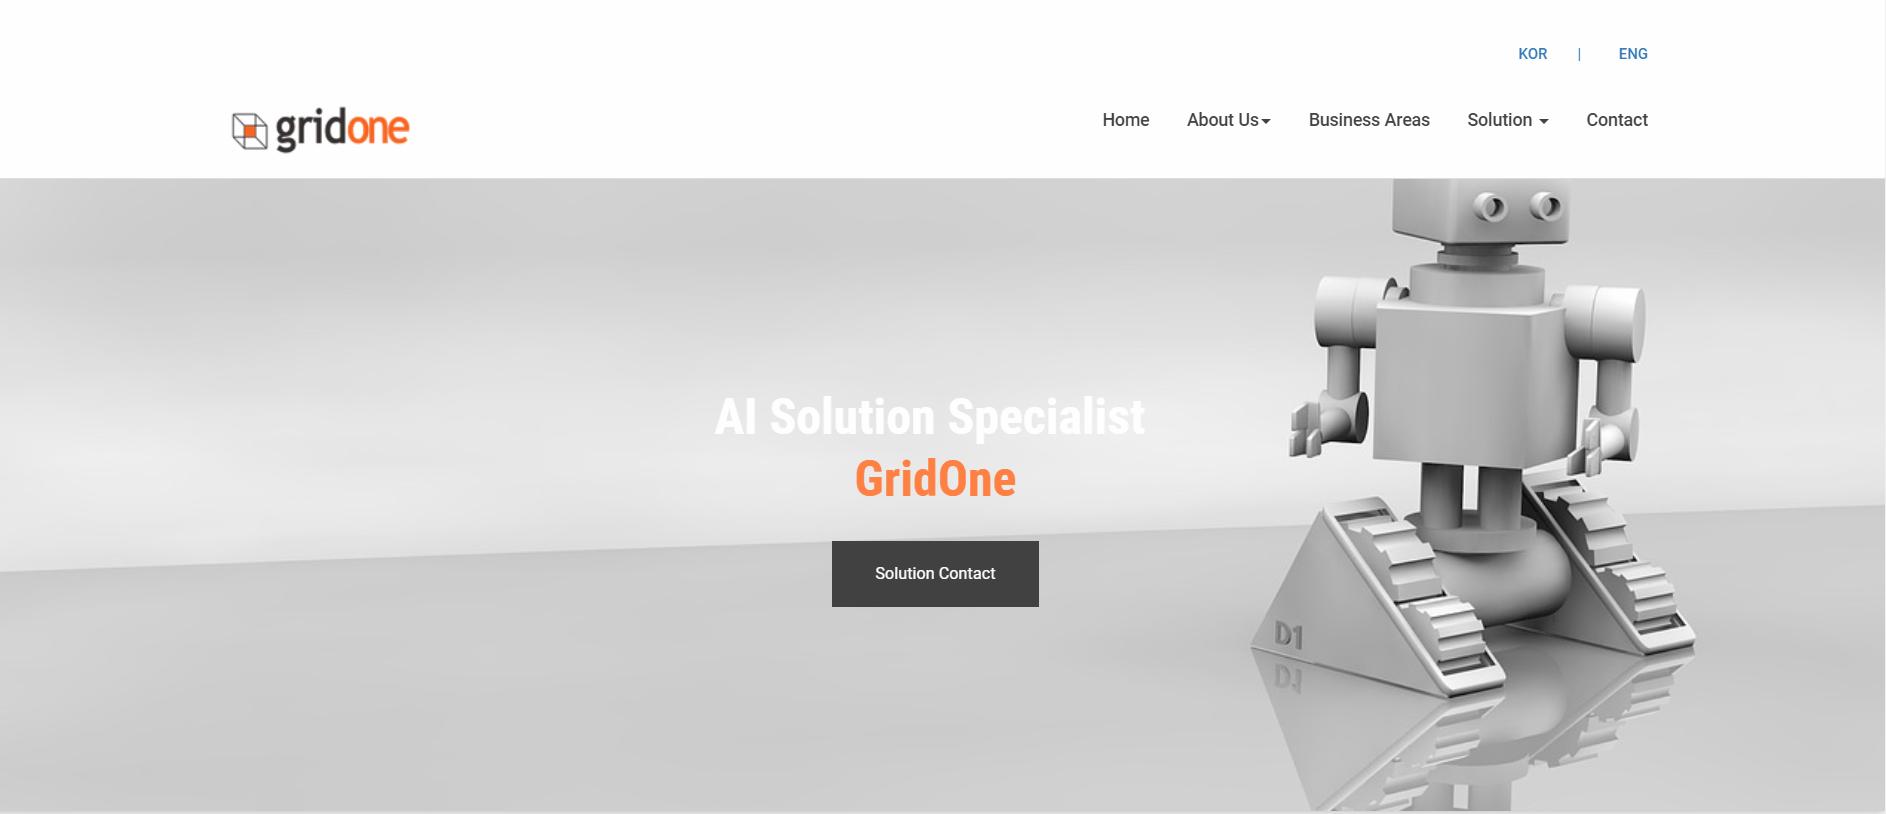 www.gridone.co.kr/en/automateone.jsp